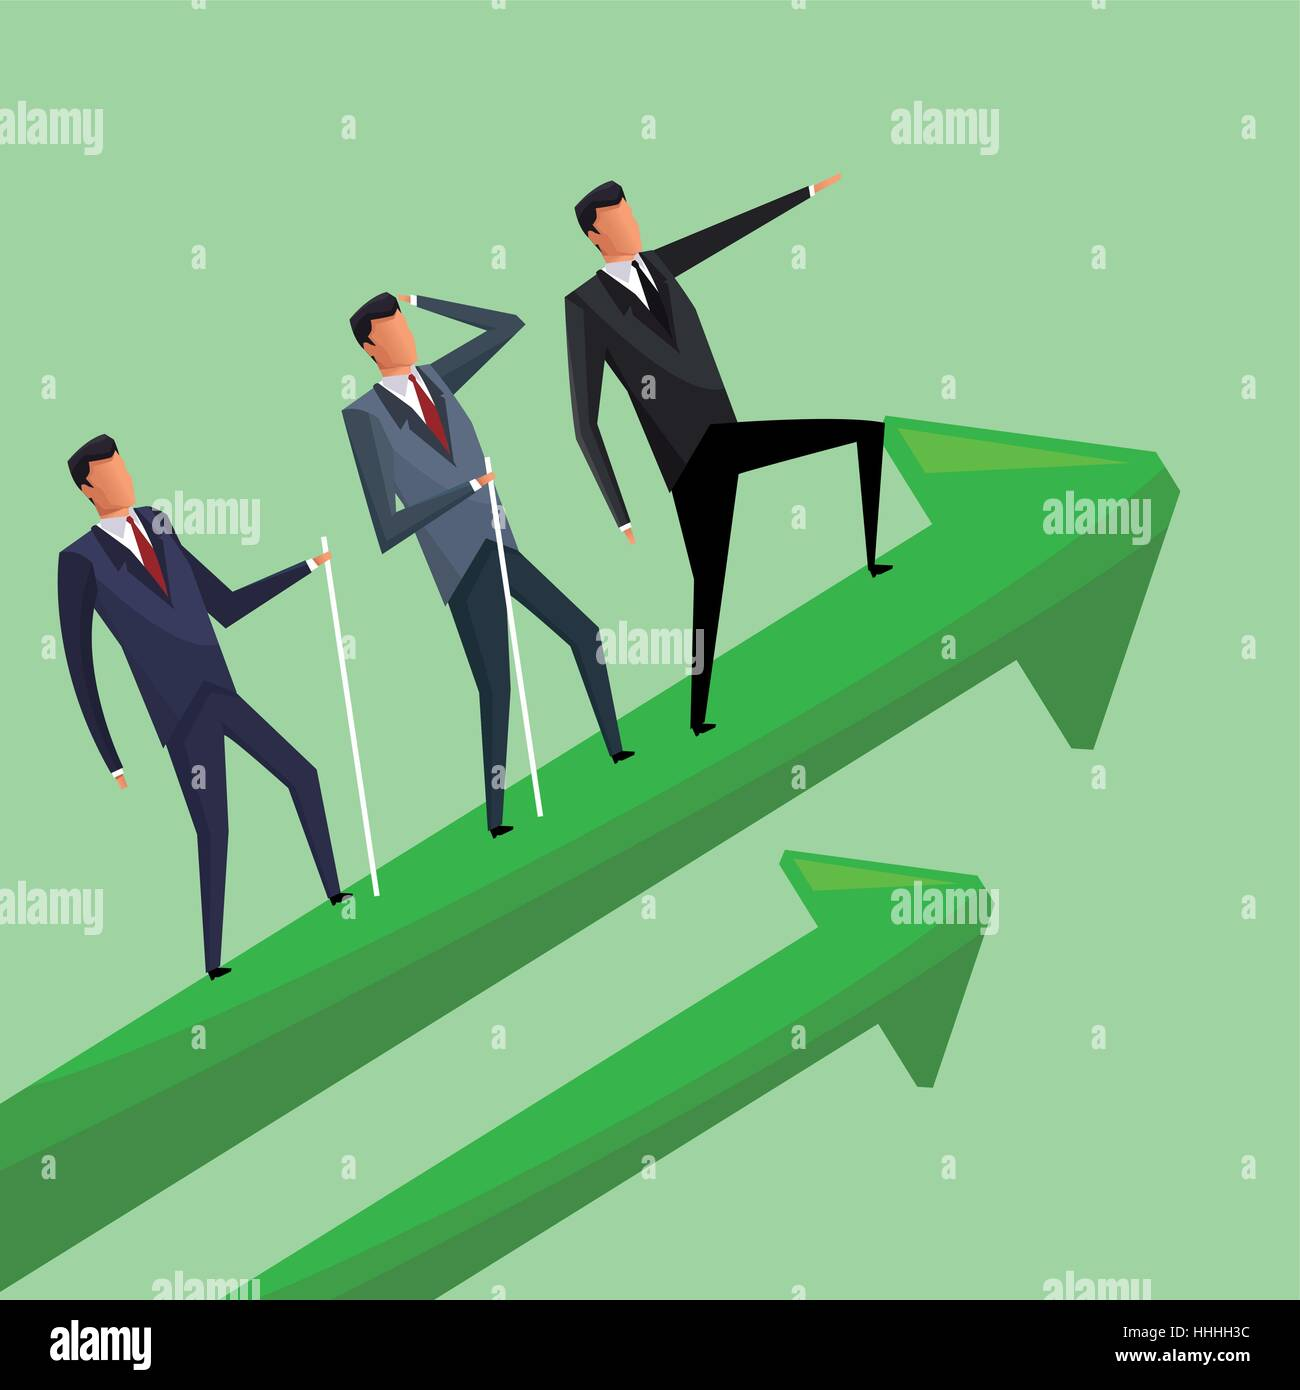 Les hommes d'affaires croissance escalade coopération flèches Photo Stock